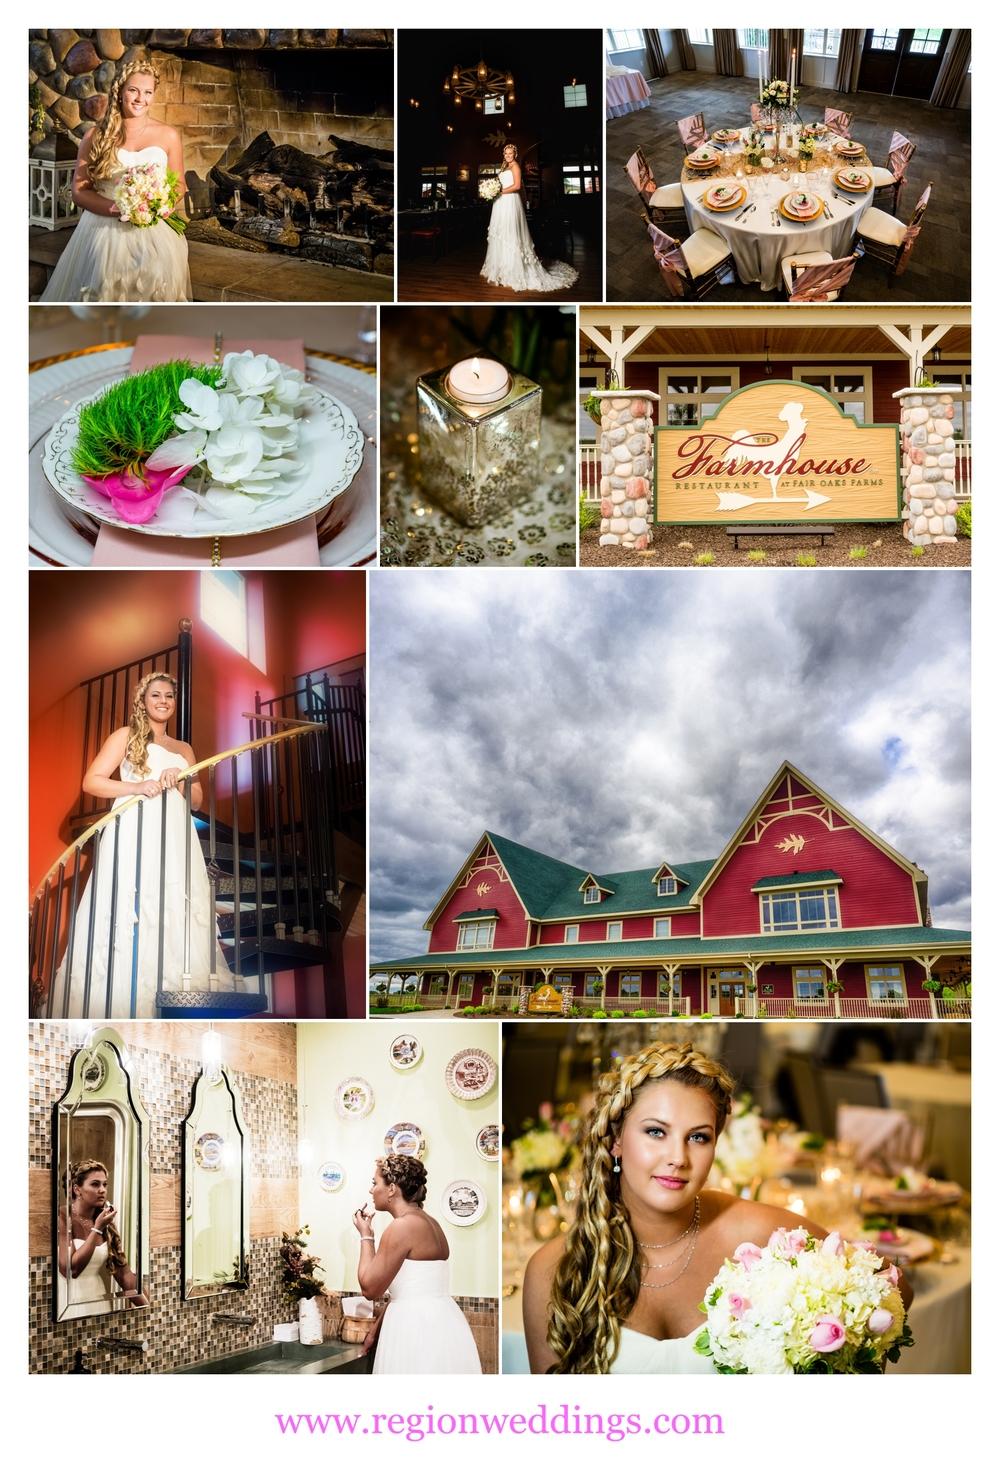 Weddings at Farmhouse Restaurant at Fair Oaks Farms.